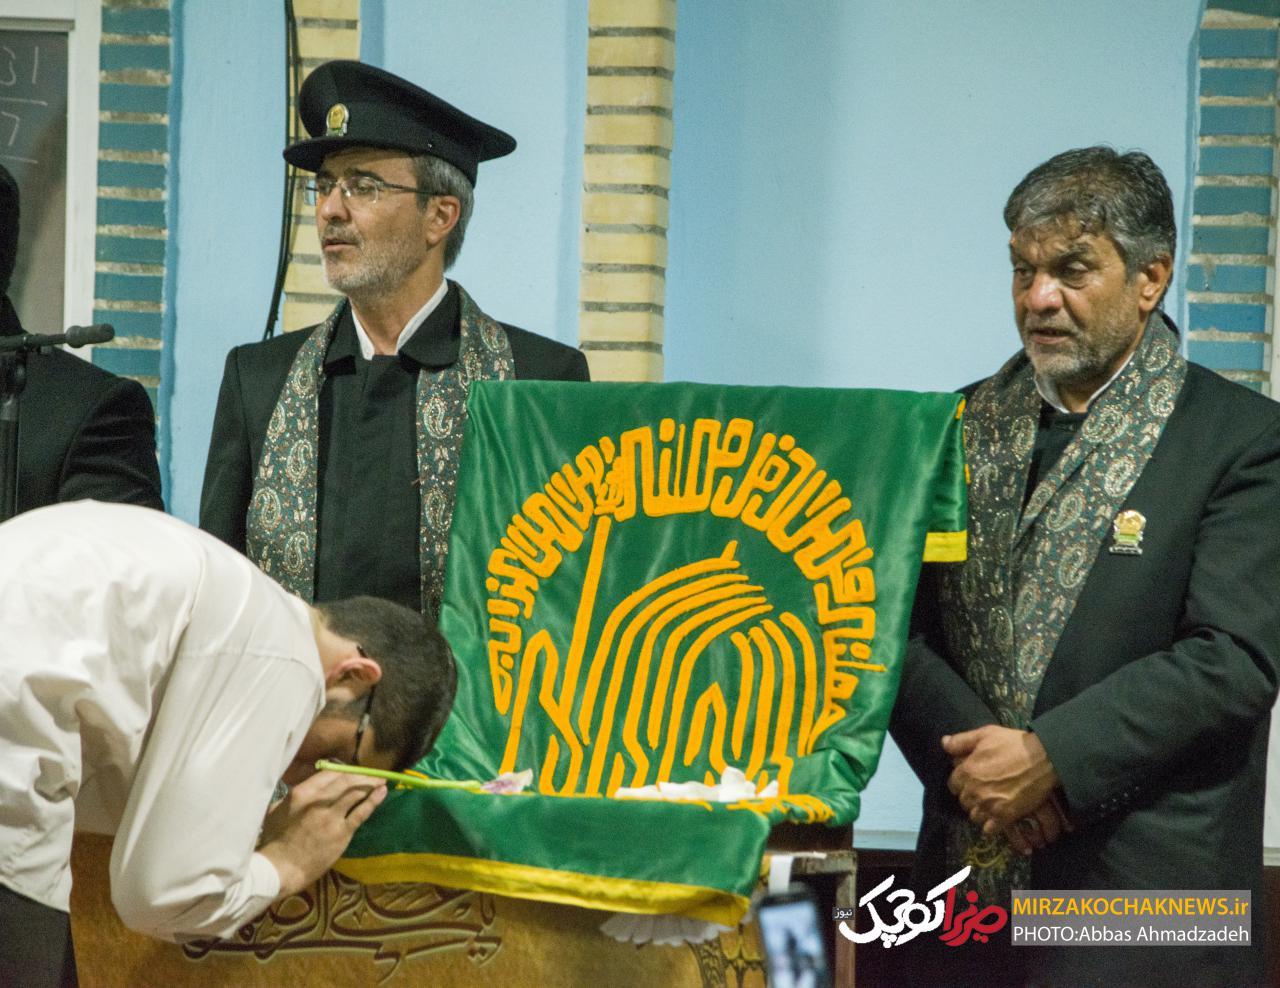 حضور خادمین امام رضا (ع) در مسجد جامع اباتر